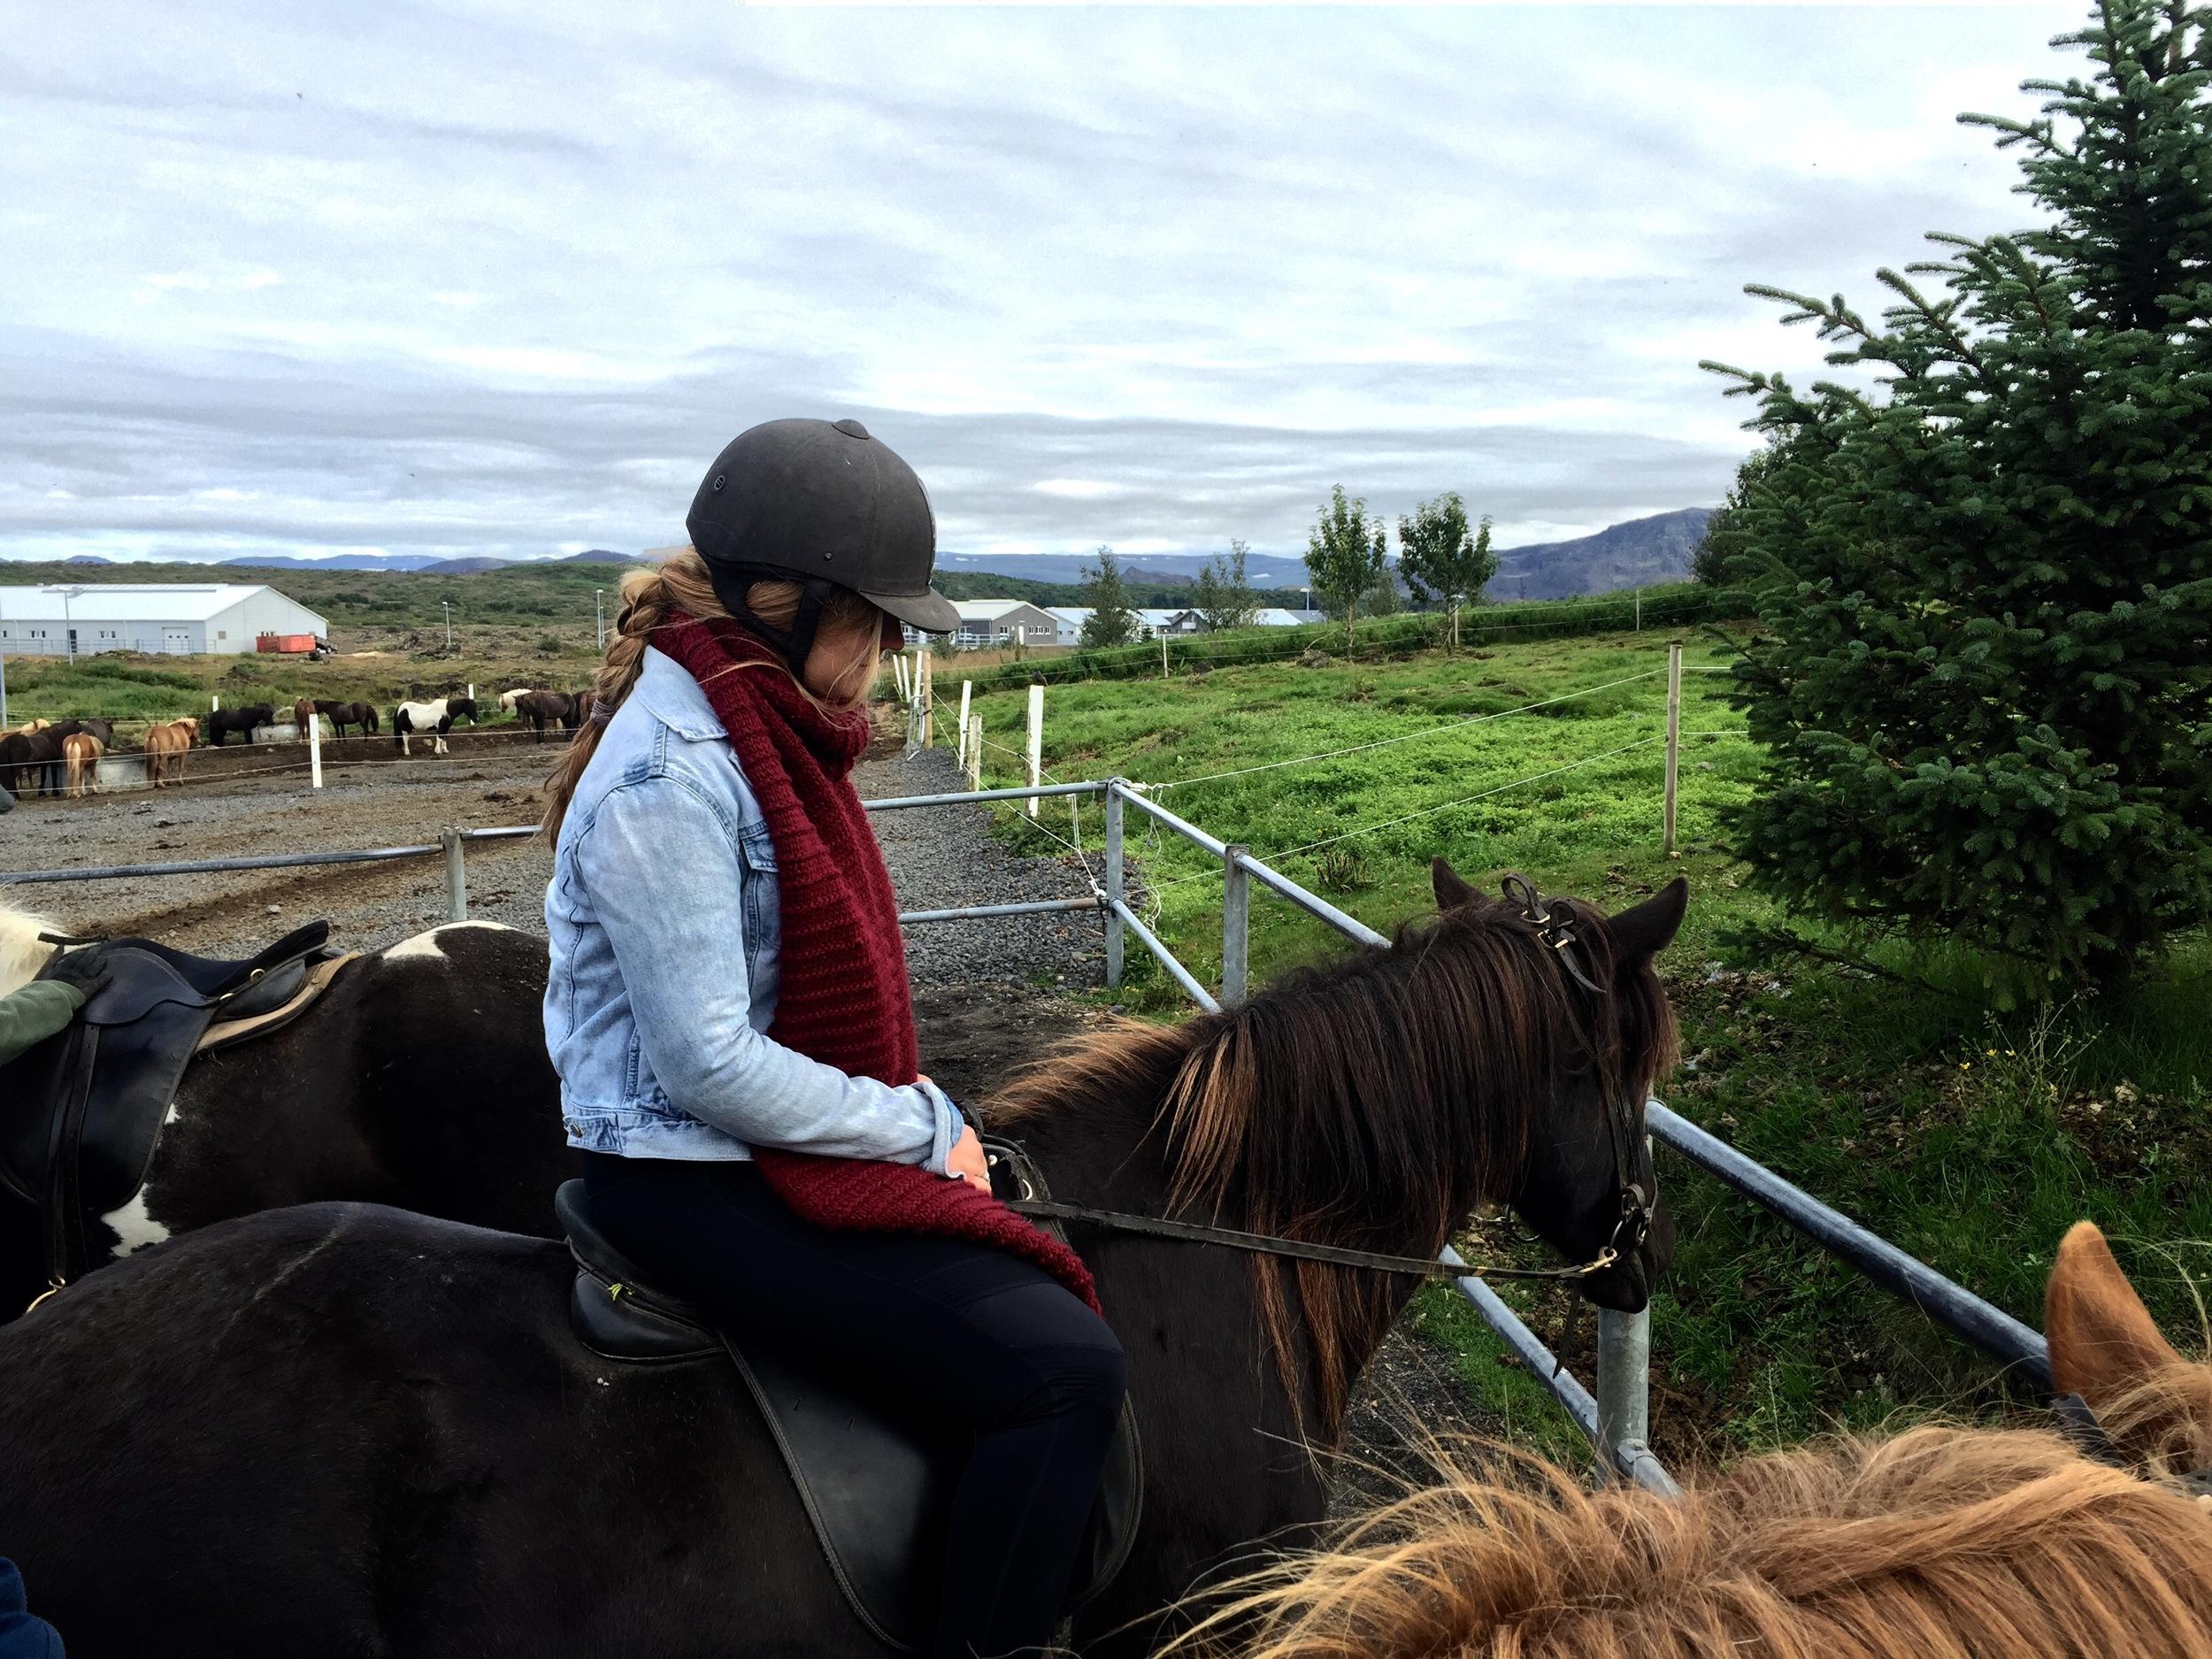 Krista on her Icelandic Horse, Hafnarfirði, Iceland